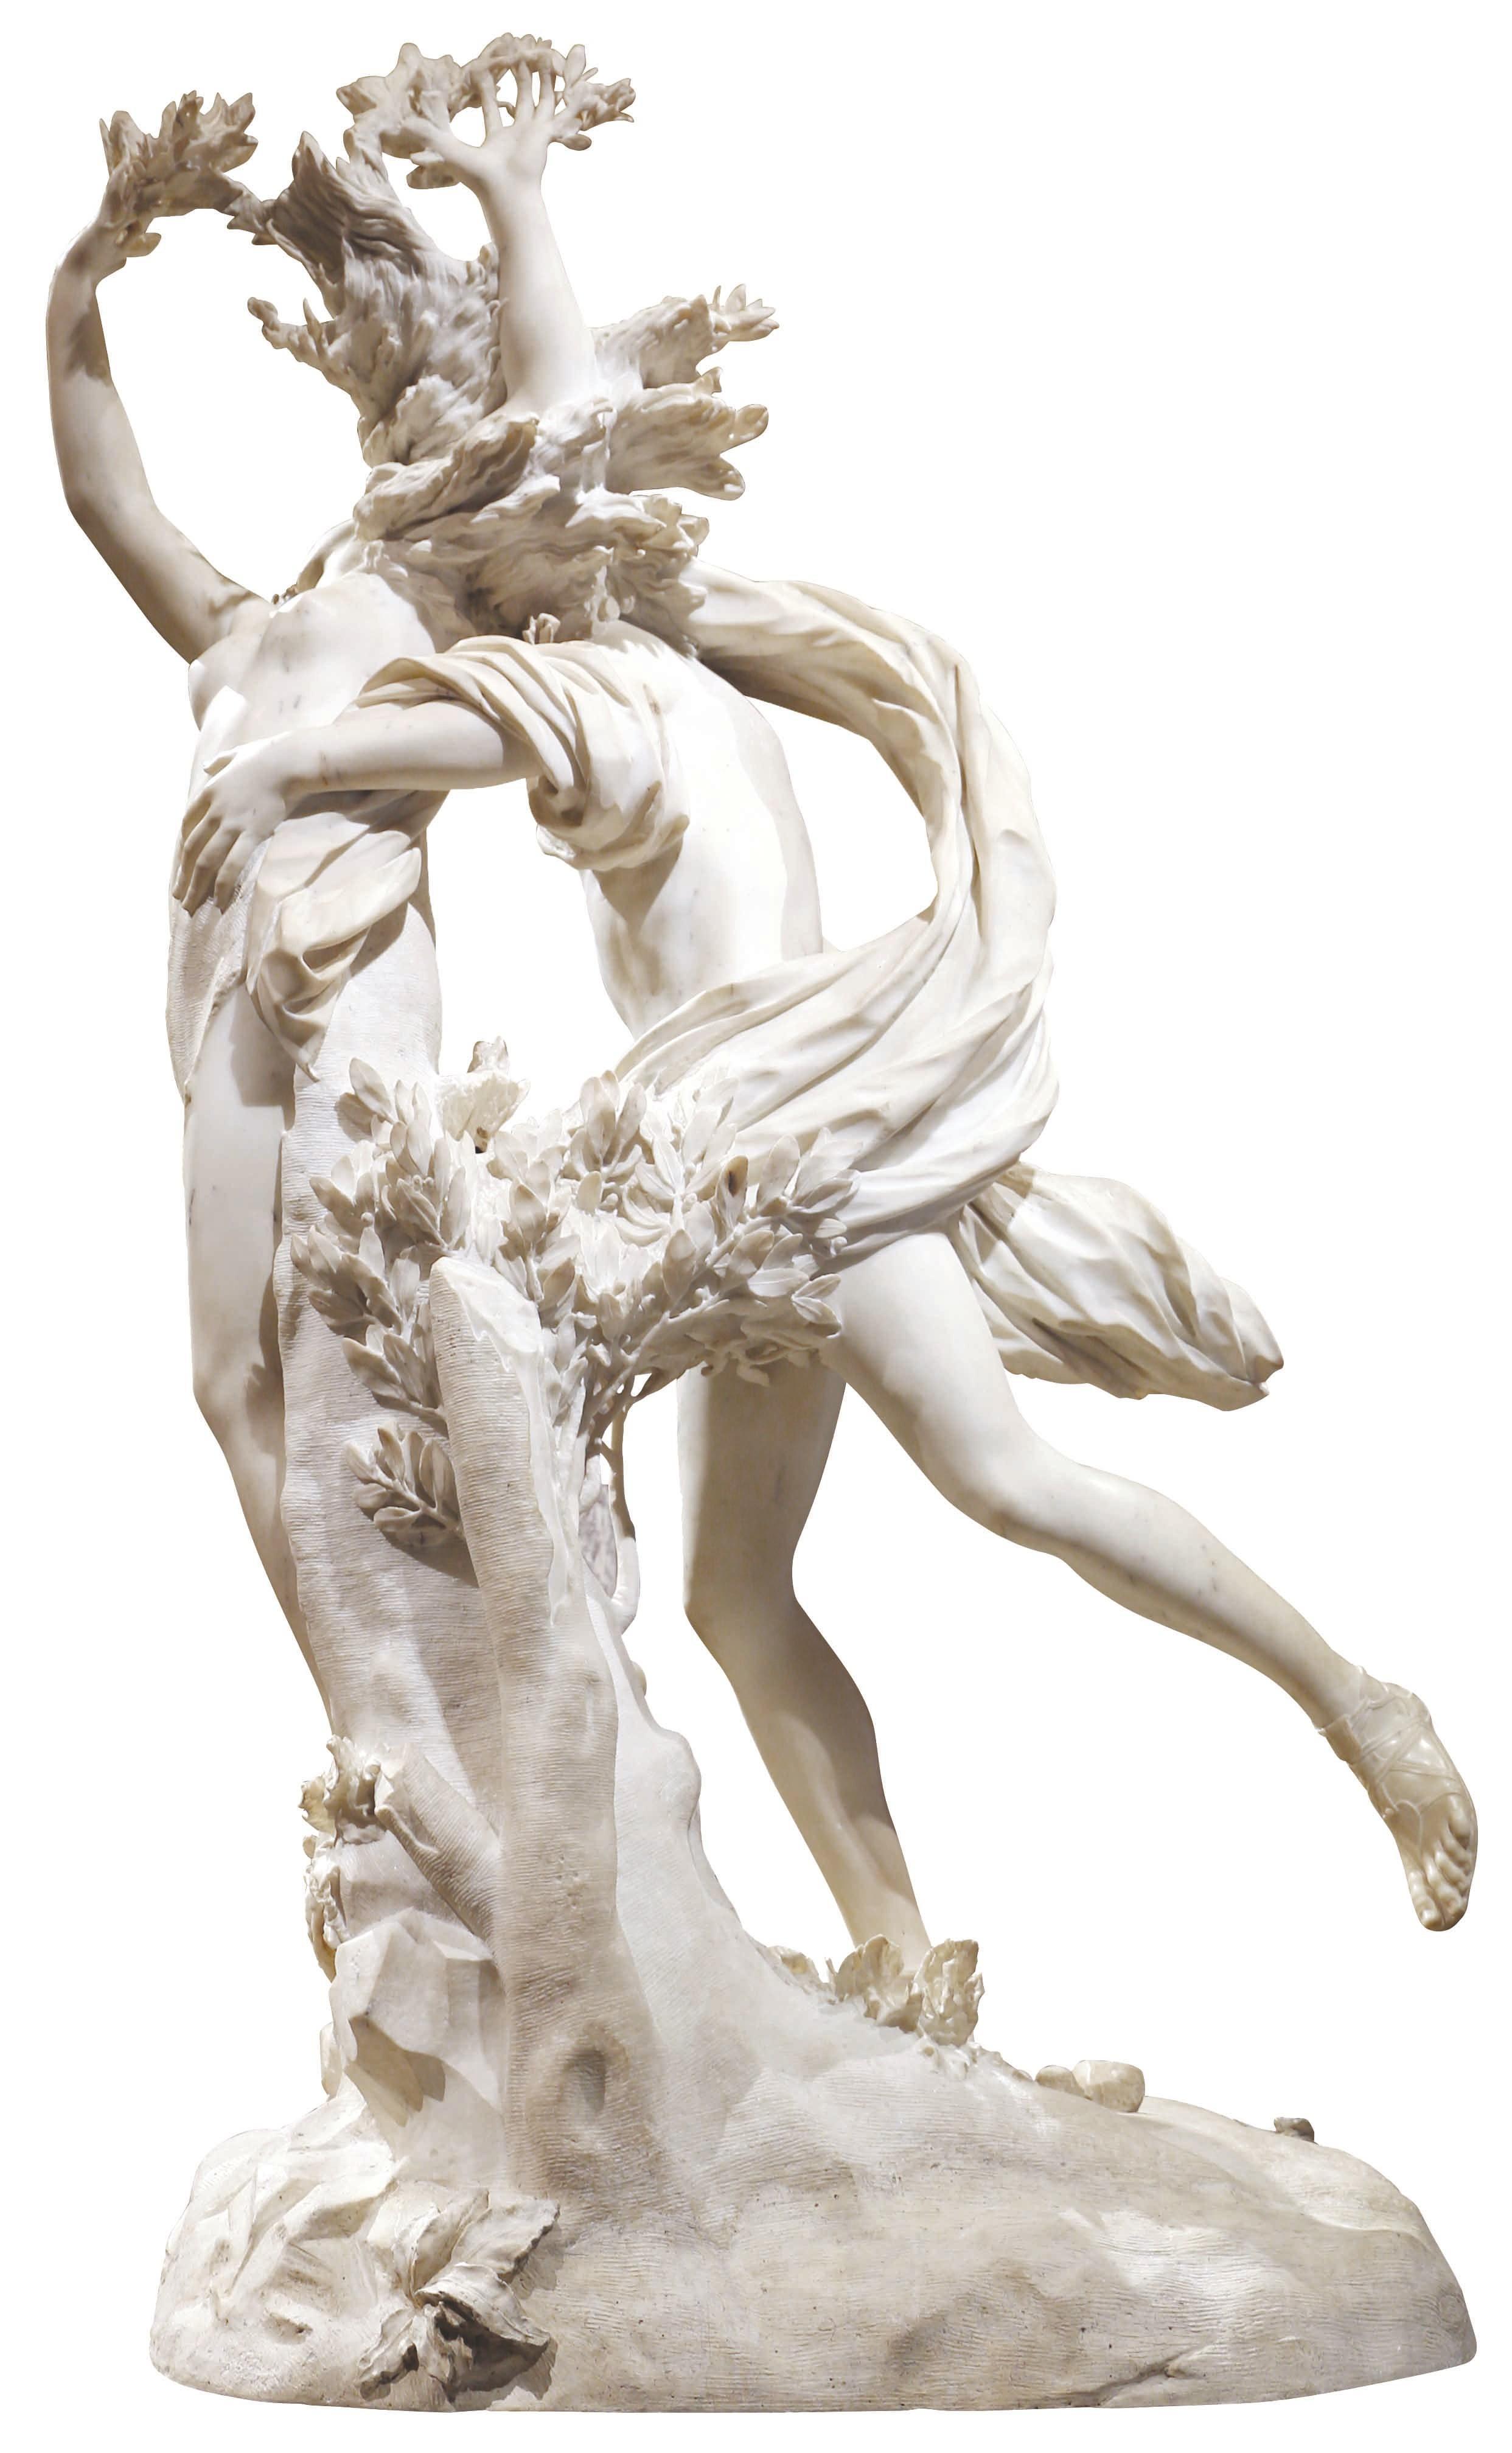 Gian Lorenzo Bernini (dit Le Bernin), Apollon et Daphné, 1622 - 1625, marbre, Rome.